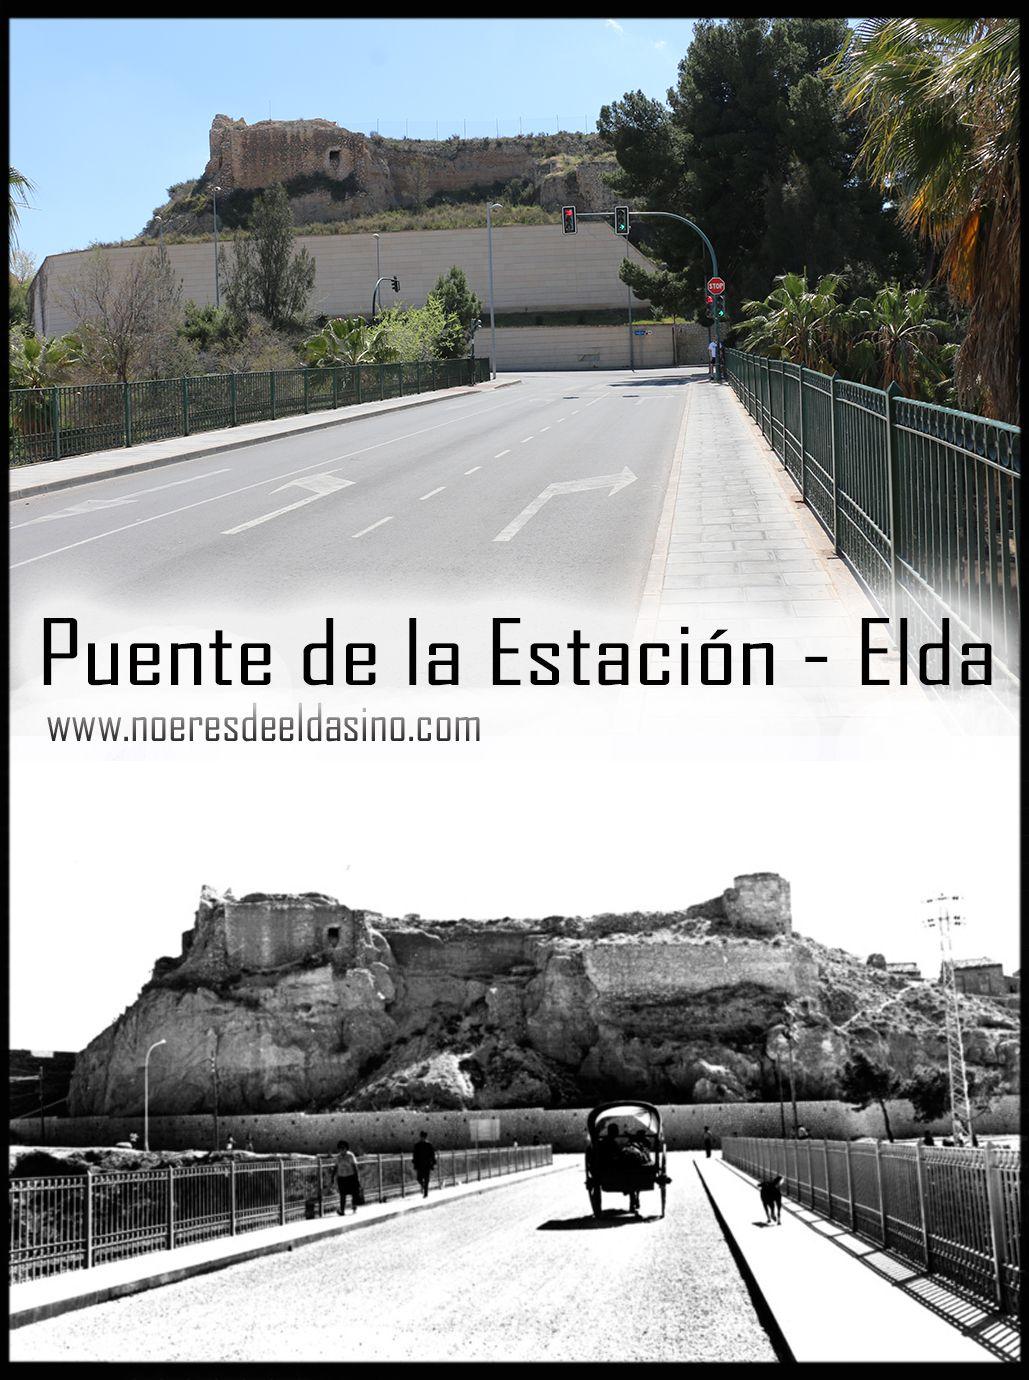 puente-estacion-elda-50